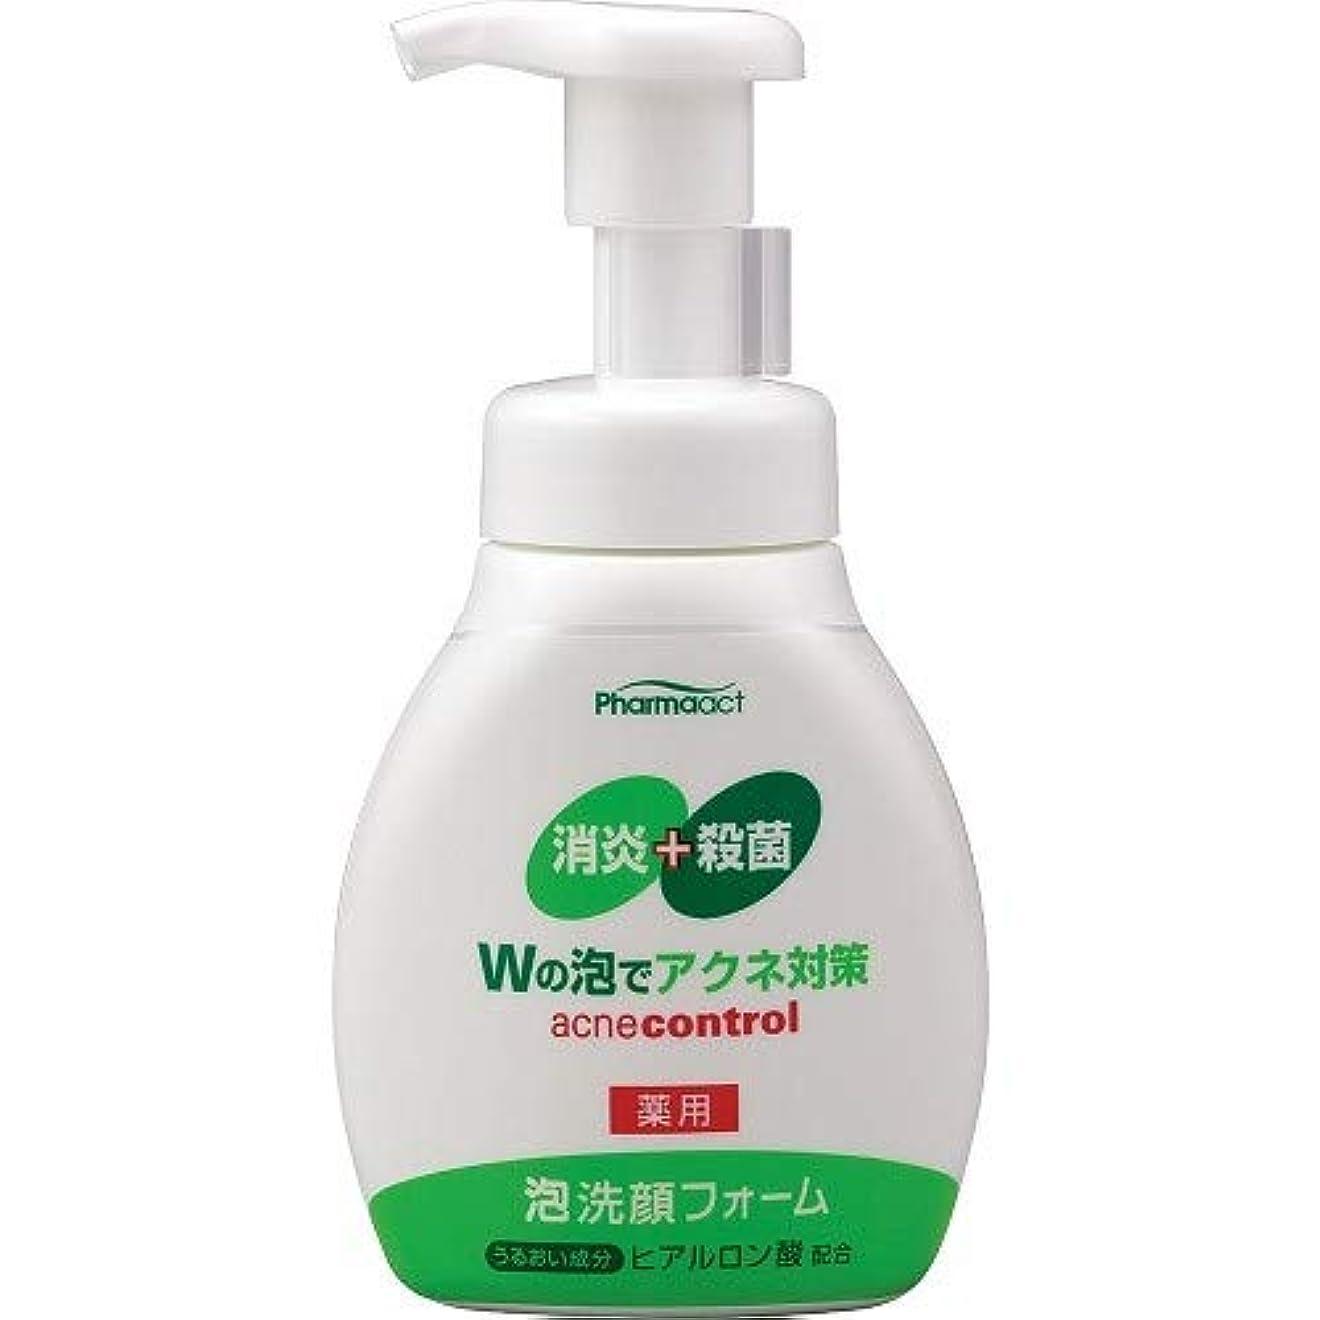 軽蔑する者膿瘍ファーマアクト アクネ対策 薬用 泡洗顔フォーム 180ml